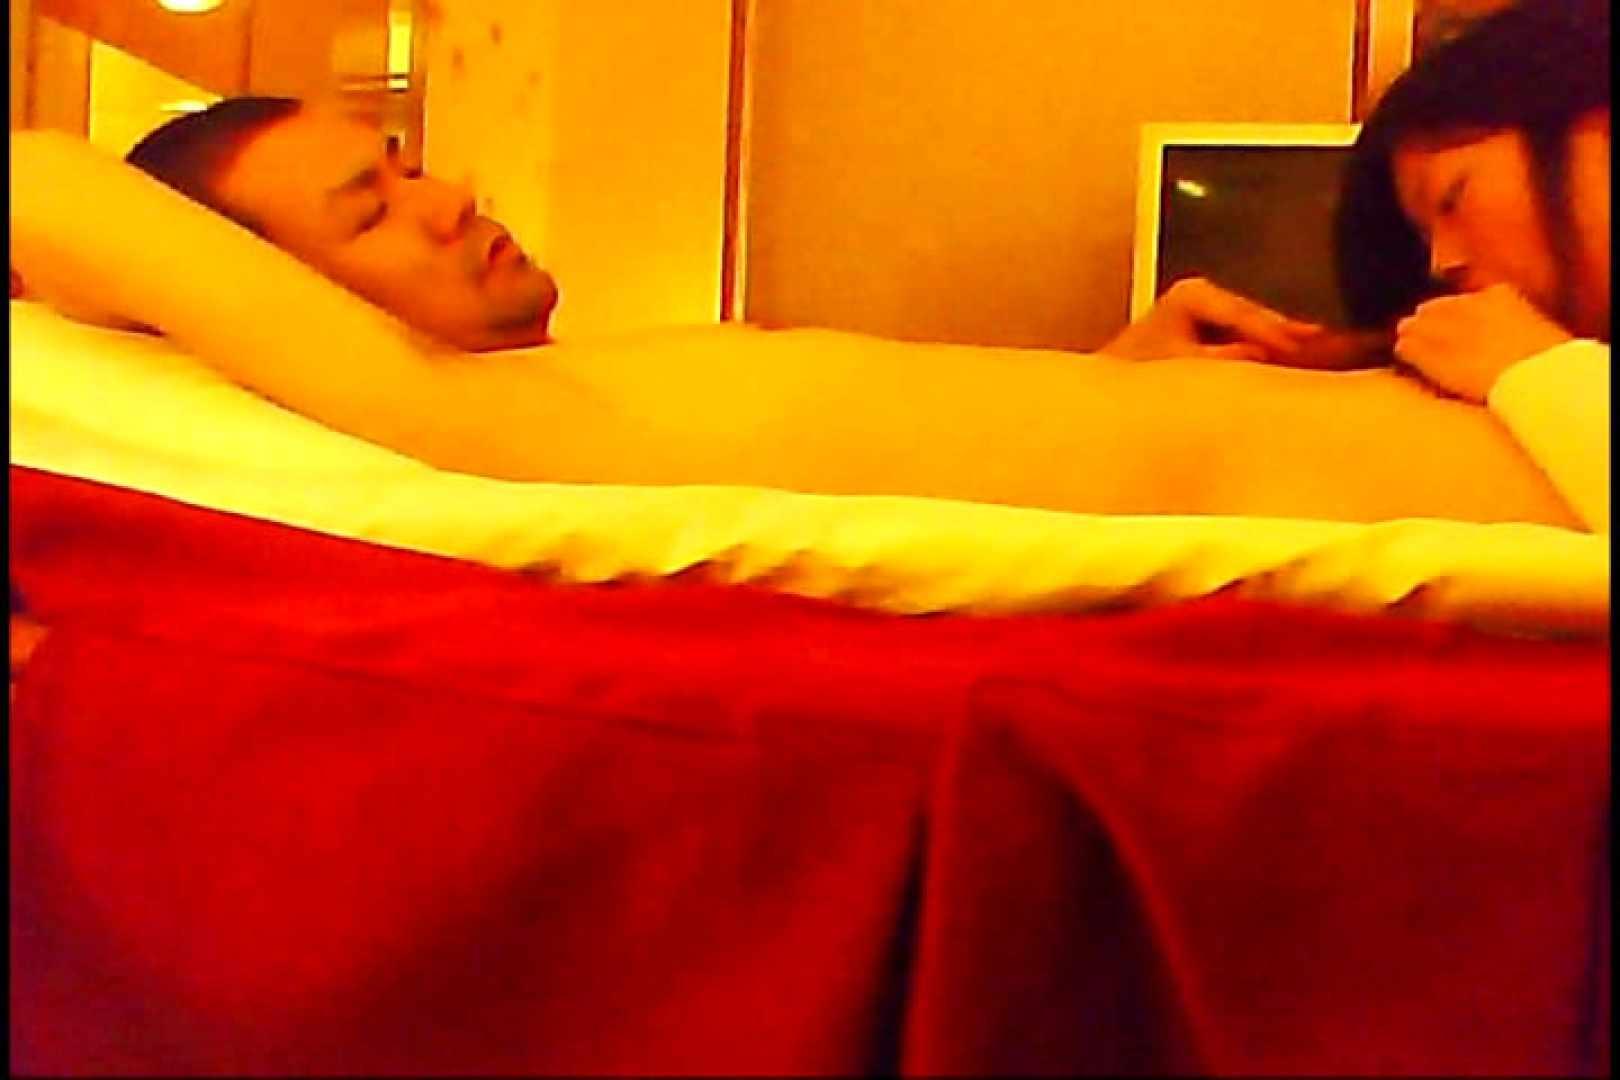 セックスフレンドVol.3 ミカ エッチなセックス エロ画像 94画像 63